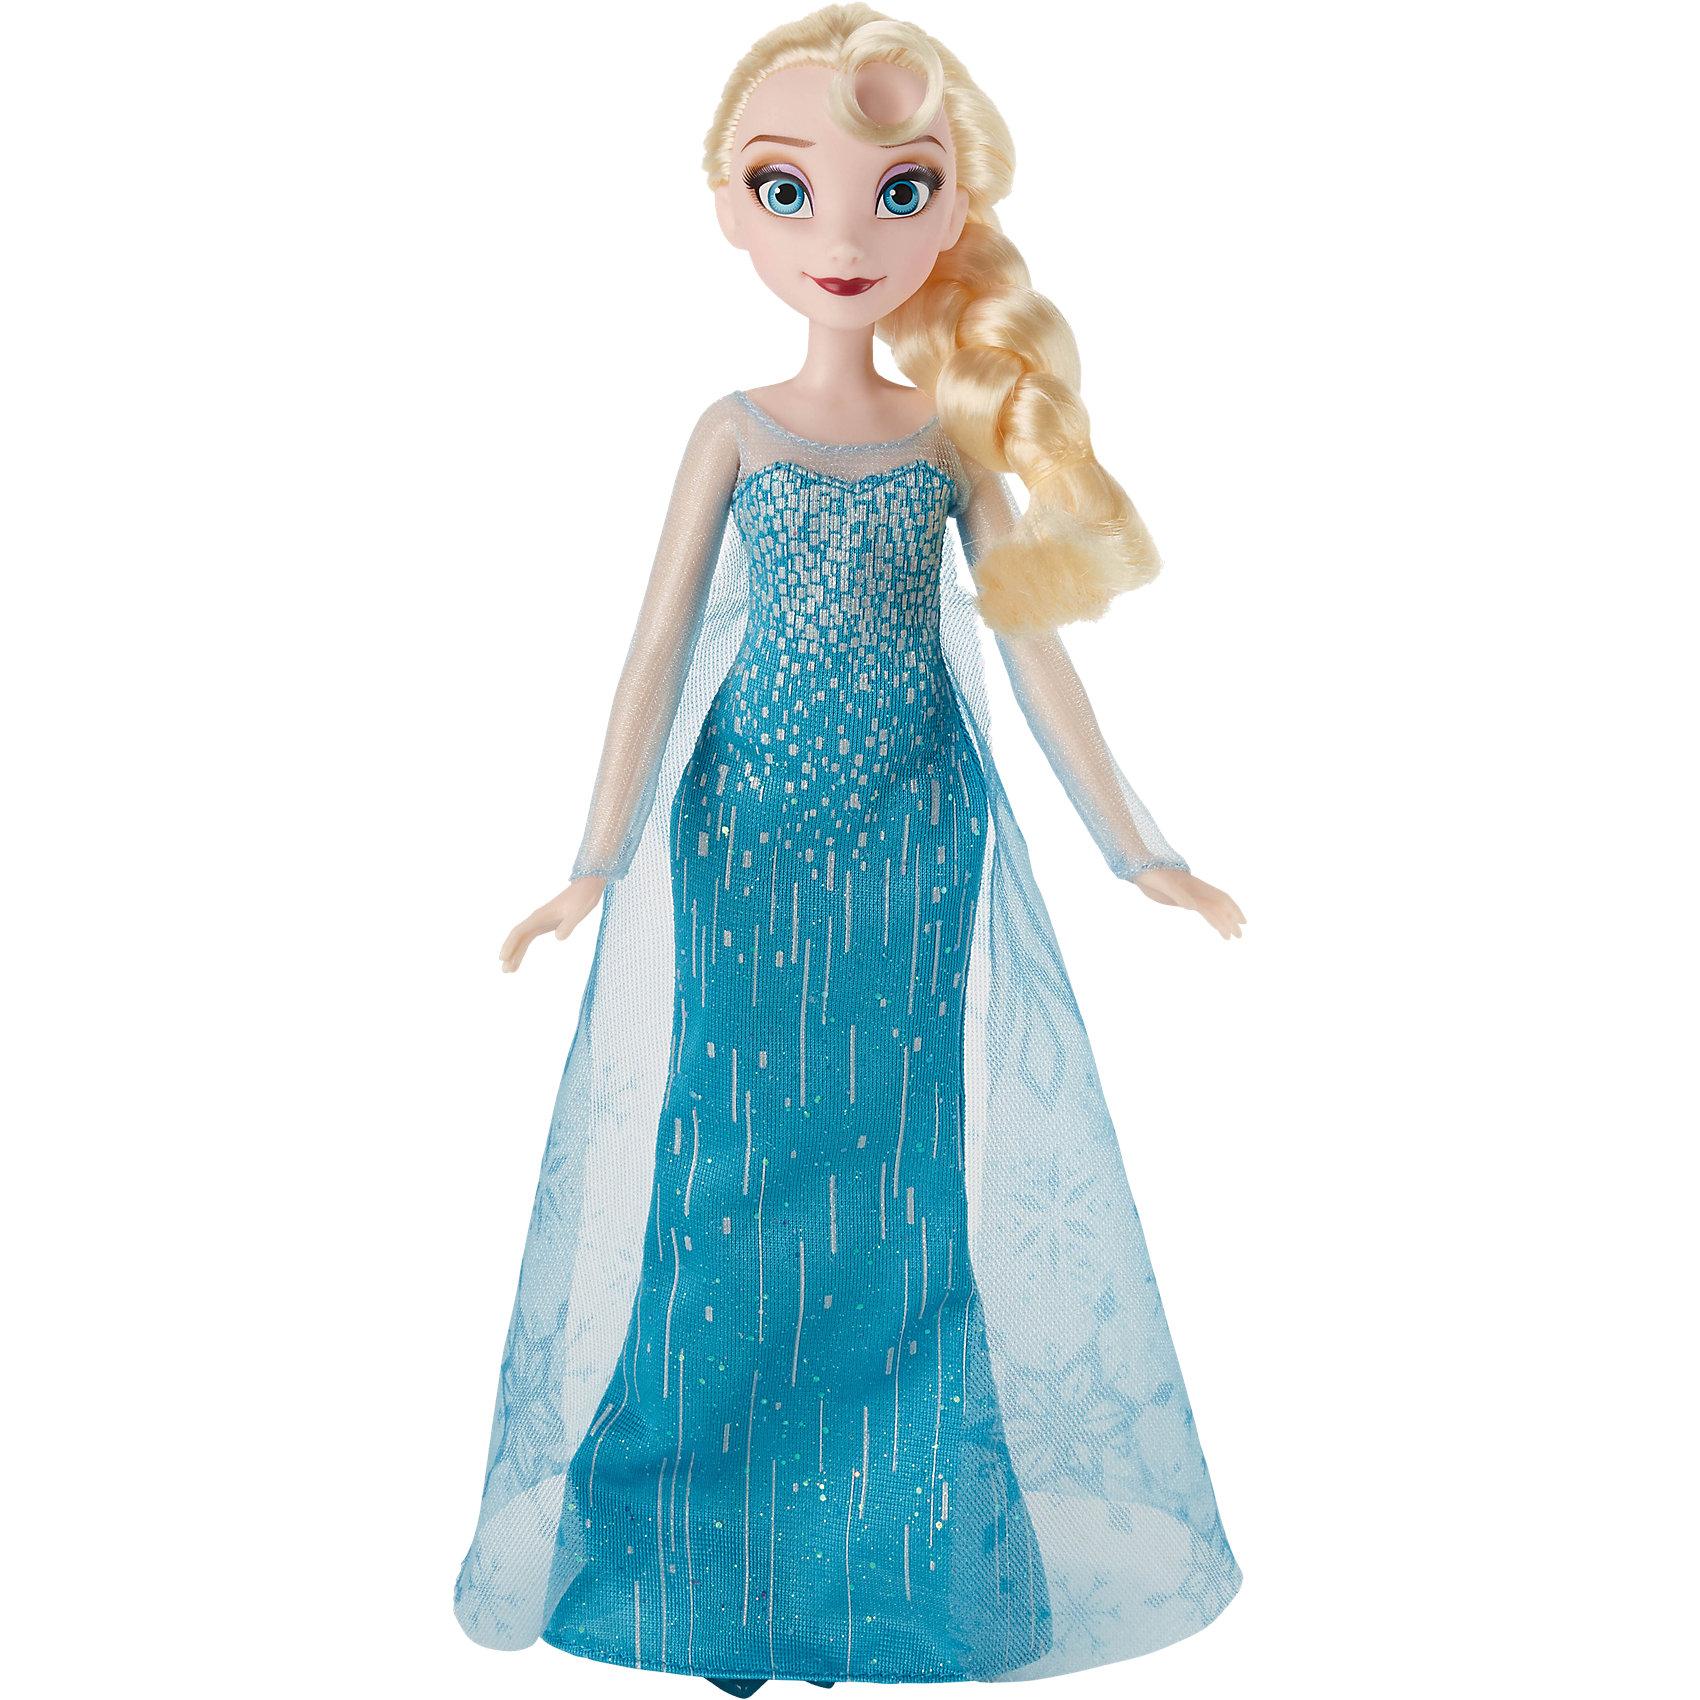 Кукла Эльза, Холодное сердце, Принцессы ДиснейПопулярные игрушки<br>Кукла Эльза, Холодное сердце, Принцессы Дисней, станет прекрасным подарком для всех поклонниц популярного диснеевского мультфильма Frozen. Внешний вид куклы полностью соответствует своей героине из мультфильма. У Эльзы длинные светлые волосы, заплетенные в толстую косу, красивое лицо украшено ярким макияжем. Она одета в роскошное голубое платье в пол, украшенное блестками и мерцающими узорами. Сверху ее покрывает длинная полупрозрачная накидка с принтом в виде снежинок. Наряд дополняют изящные полупрозрачные туфельки в тон платья. У куклы подвижные руки, ноги и голова. Очаровательная кукла прекрасно дополнит коллекцию диснеевских принцесс.<br><br>Дополнительная информация:<br><br>- Материал: пластик, текстиль.<br>- Высота куклы: 28 см.<br>- Размер упаковки: 15 x 5 x 36 см.  <br>- Вес: 0,3 кг. <br><br>Куклу Эльза, Холодное сердце, Принцессы Дисней, можно купить в нашем интернет-магазине.<br><br>Ширина мм: 325<br>Глубина мм: 149<br>Высота мм: 53<br>Вес г: 191<br>Возраст от месяцев: 36<br>Возраст до месяцев: 72<br>Пол: Женский<br>Возраст: Детский<br>SKU: 4351506